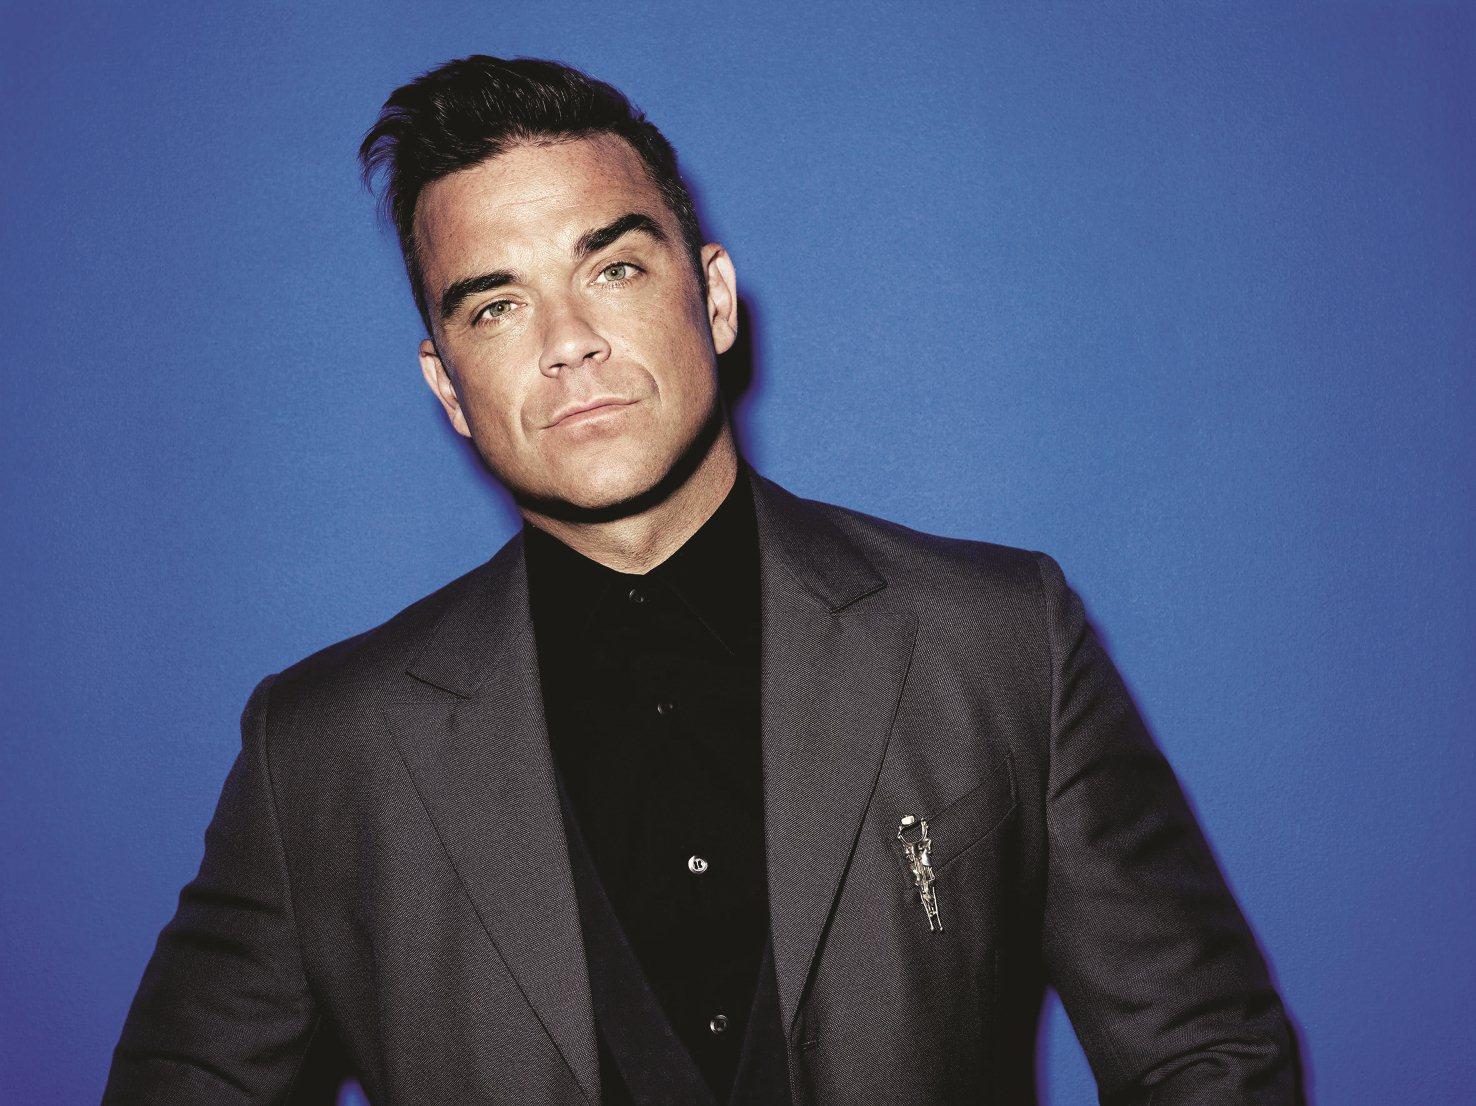 Robbie-Williams-Google-Images